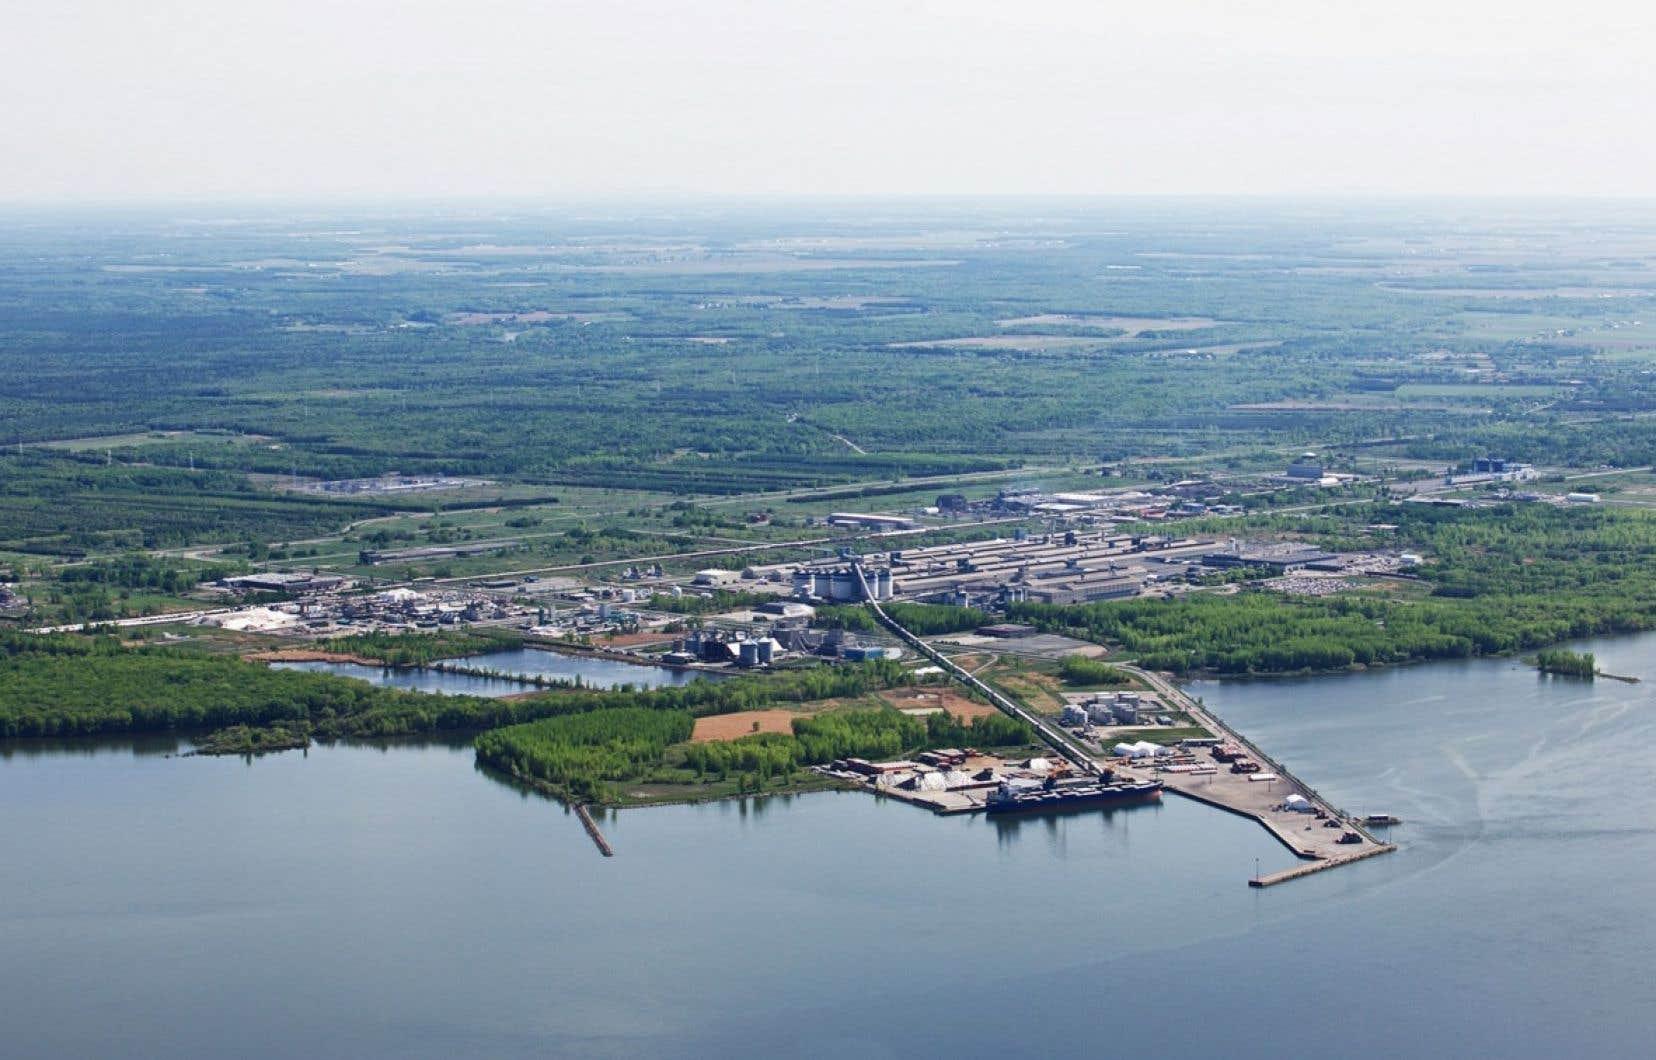 L'usine devrait générer chaque année 630 000 tonnes de GES en sol québécois, soit l'équivalent de plus de 160 000 voitures.